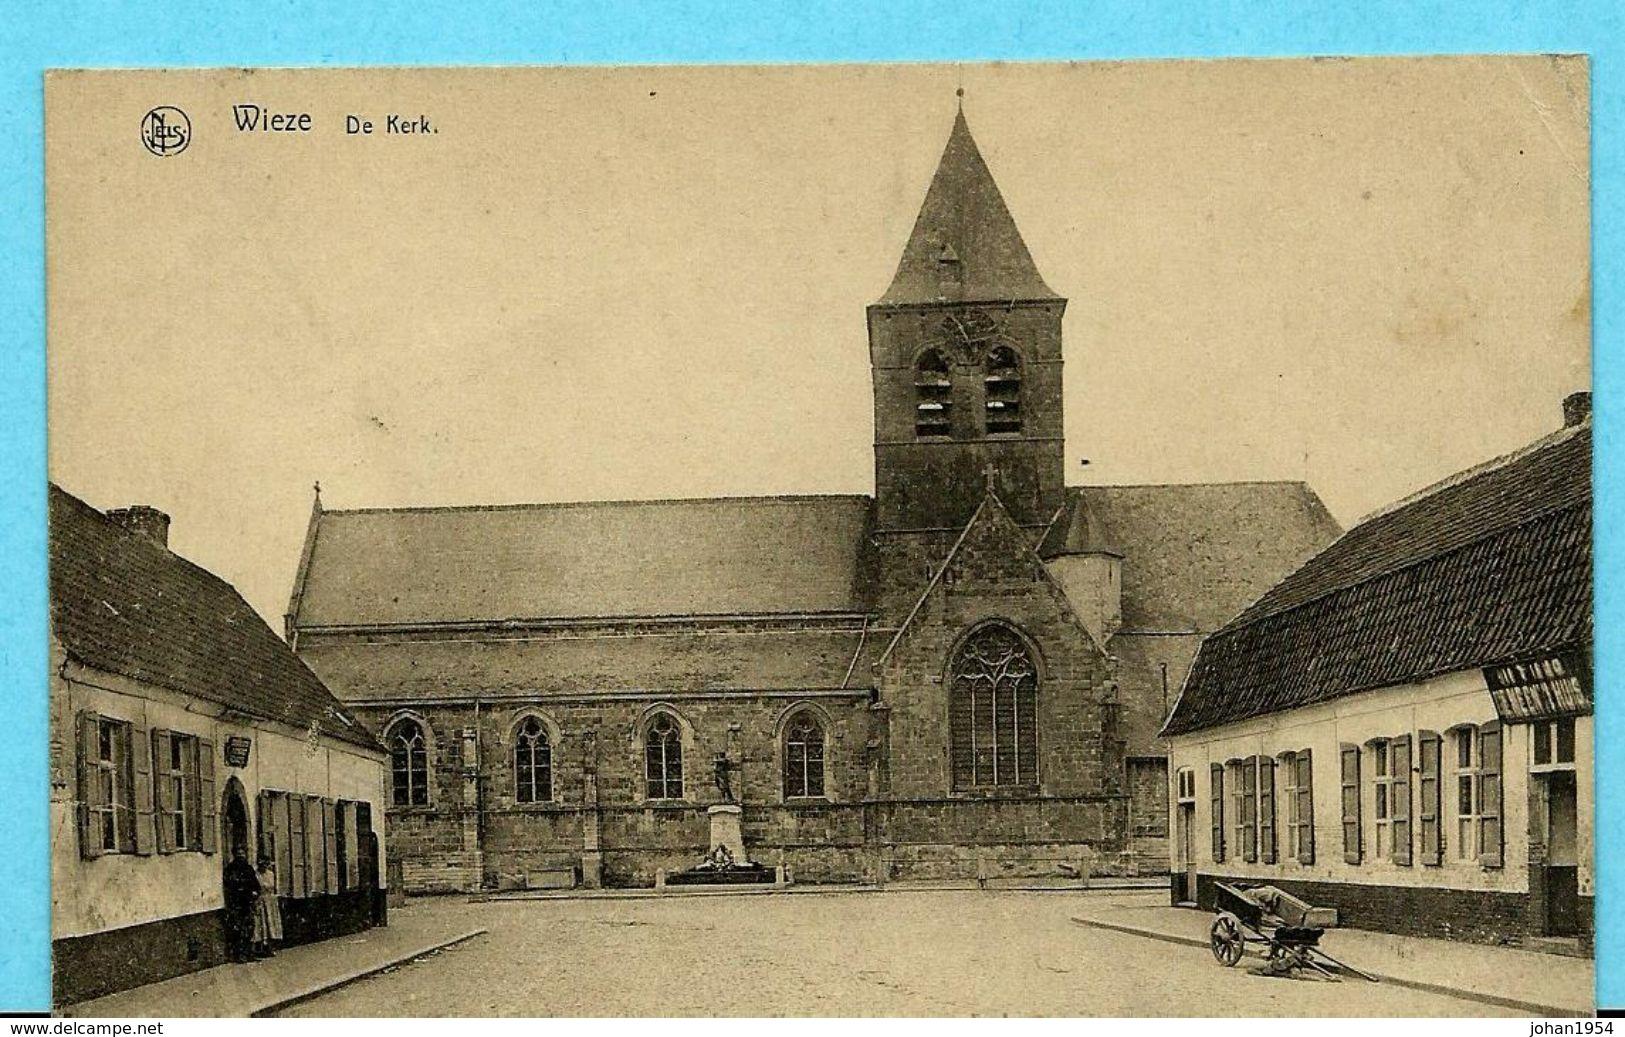 WIEZE - De Kerk - Lebbeke